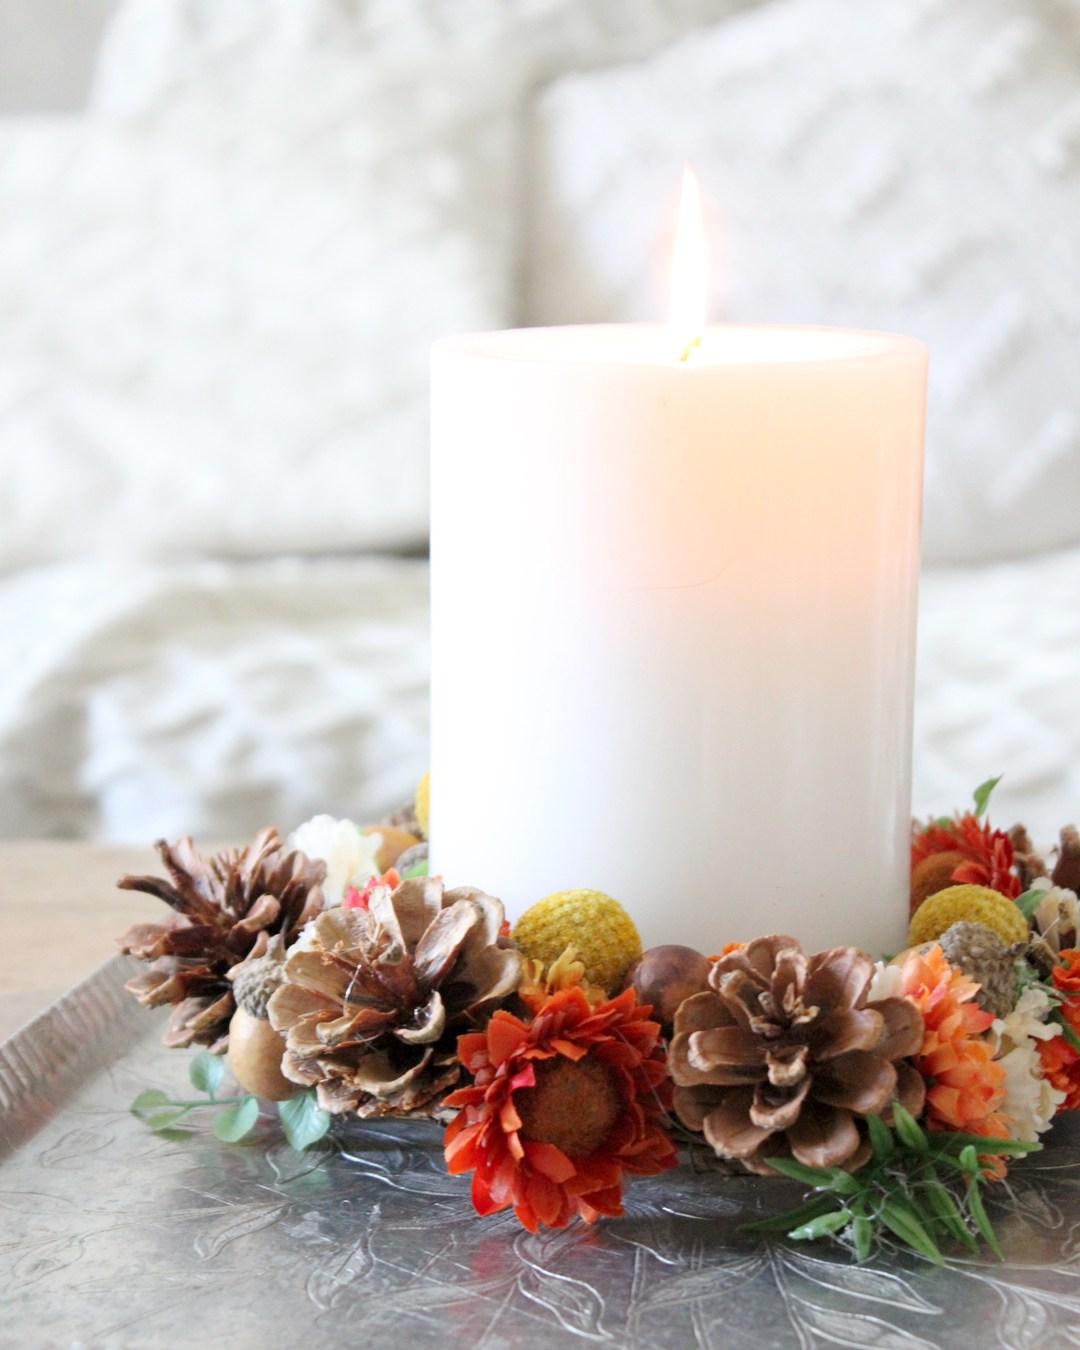 DIY-fall-wreath-candle-12.jpg